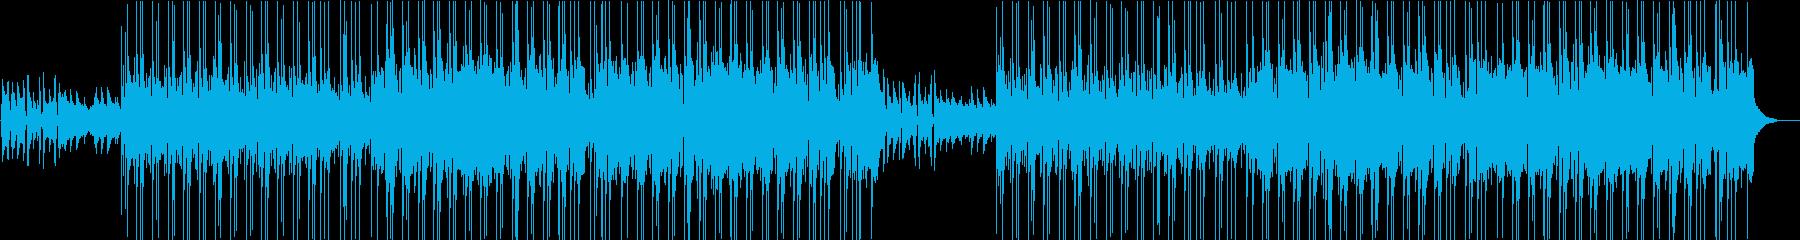 ピアノとギター中心のほのぼのボサノバ風の再生済みの波形